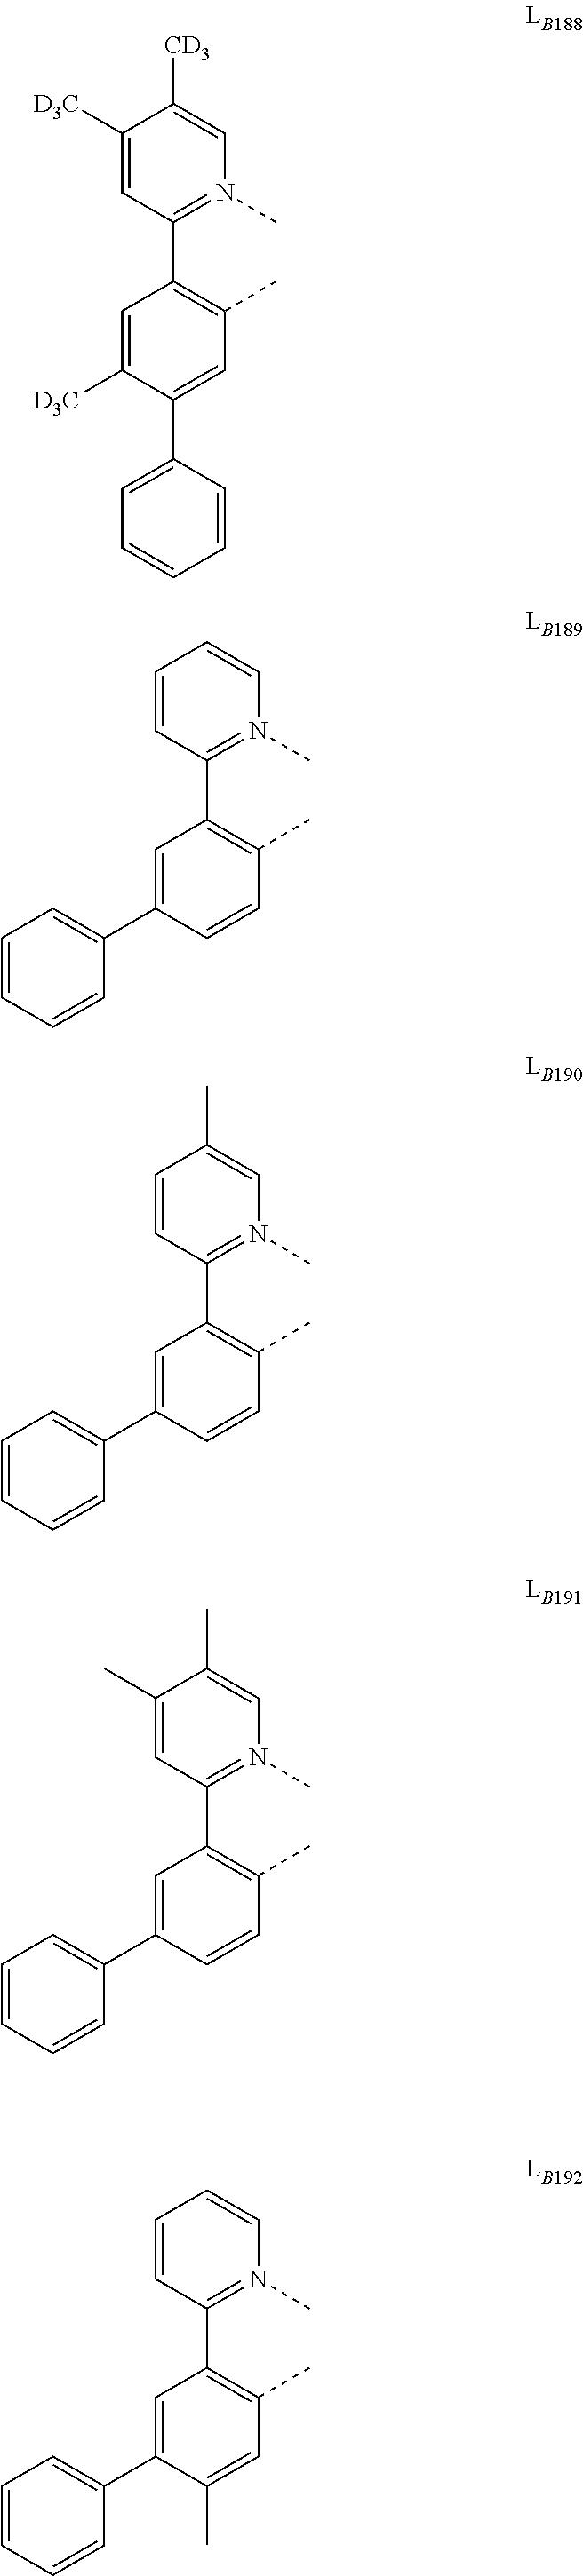 Figure US09929360-20180327-C00255